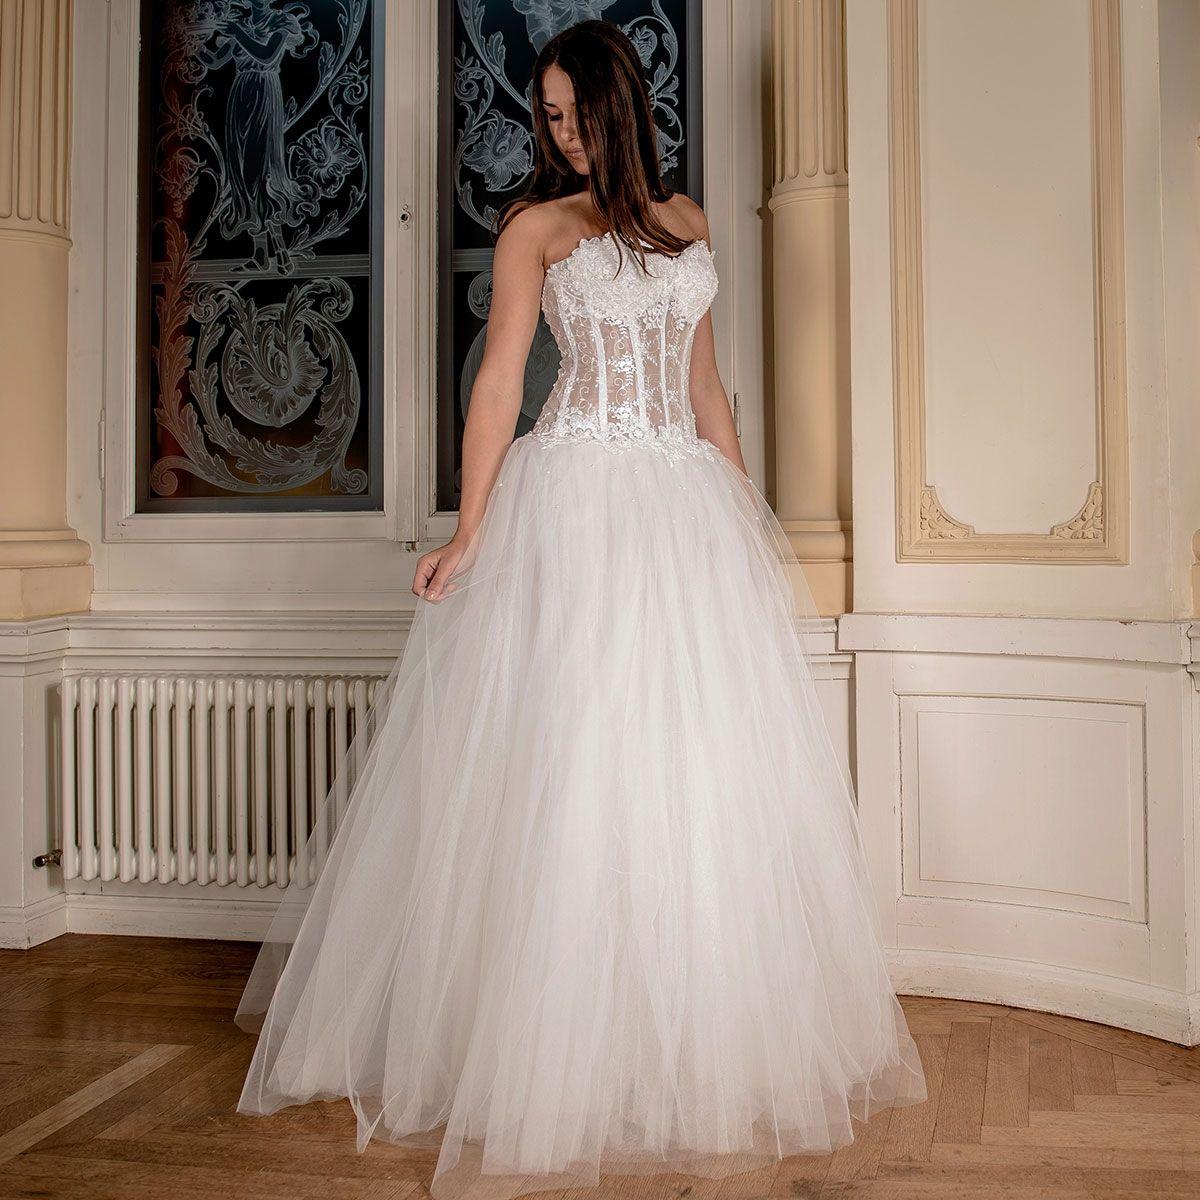 Gemütlich Brautkleid Mit Korsett Fotos - Brautkleider Ideen ...